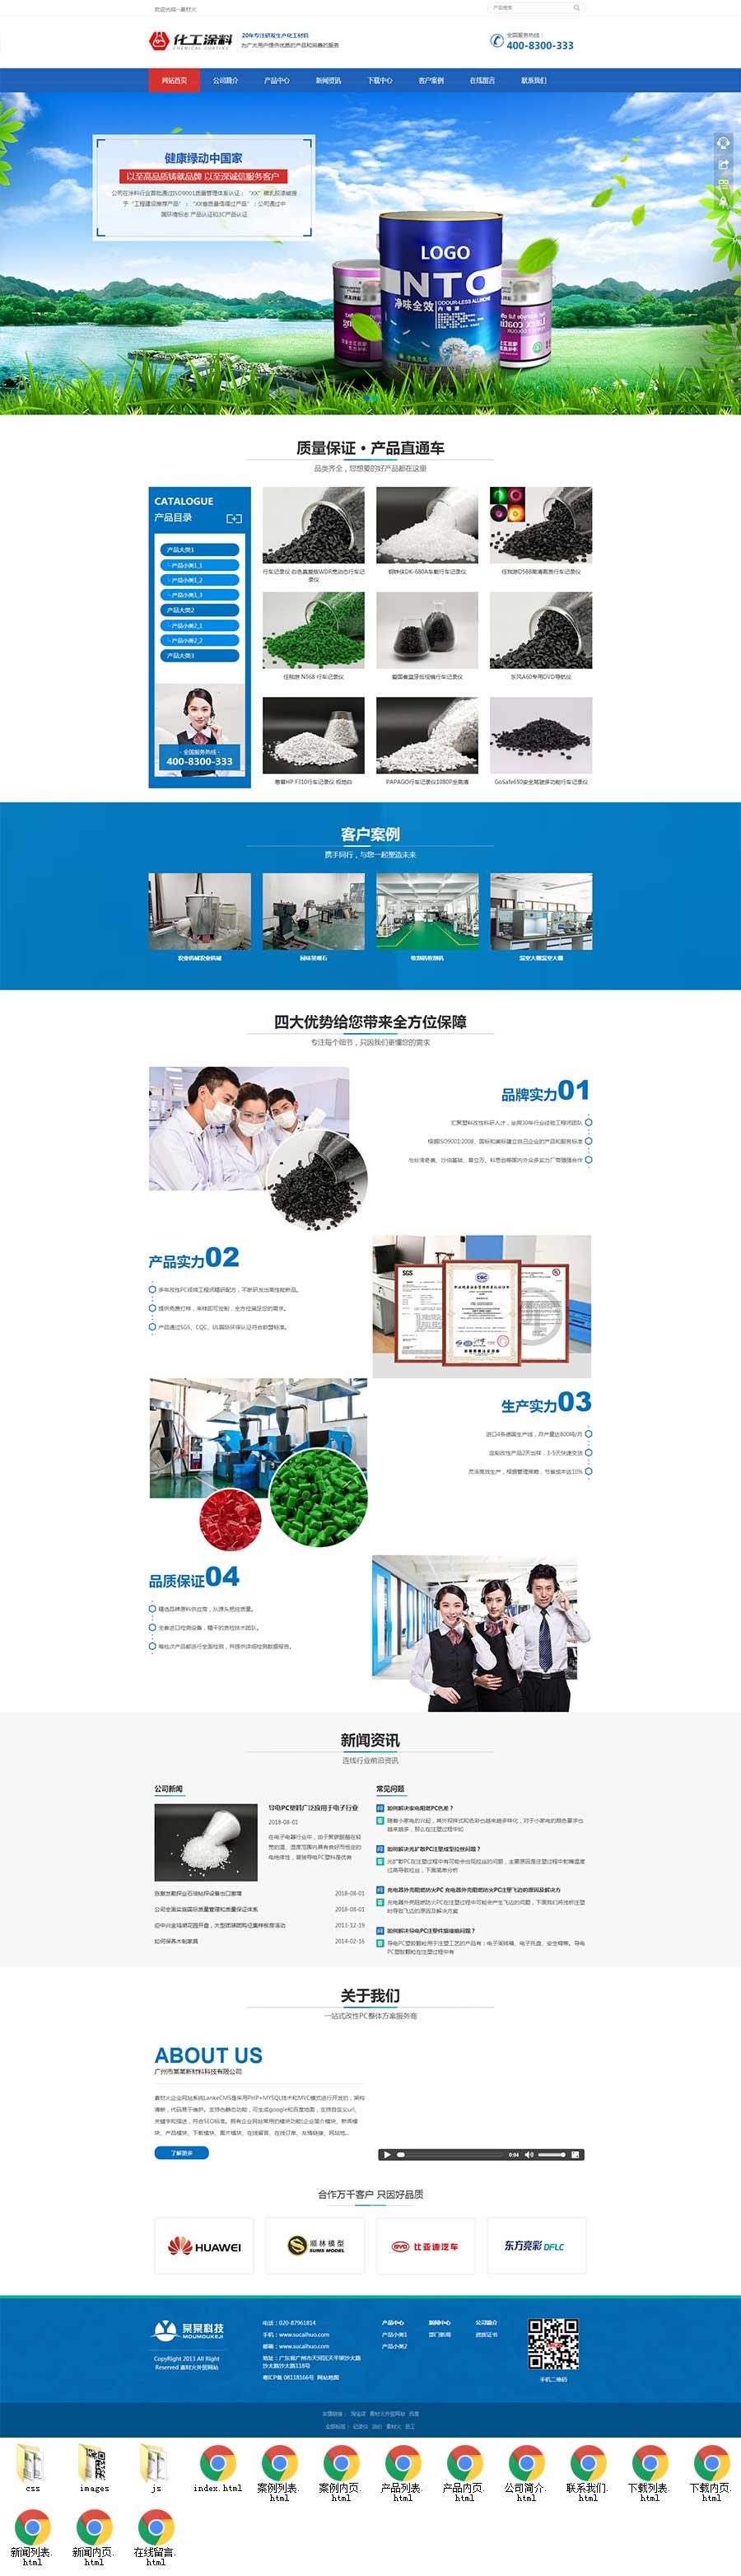 蓝色大气html5响应式化工涂料公司网站模板